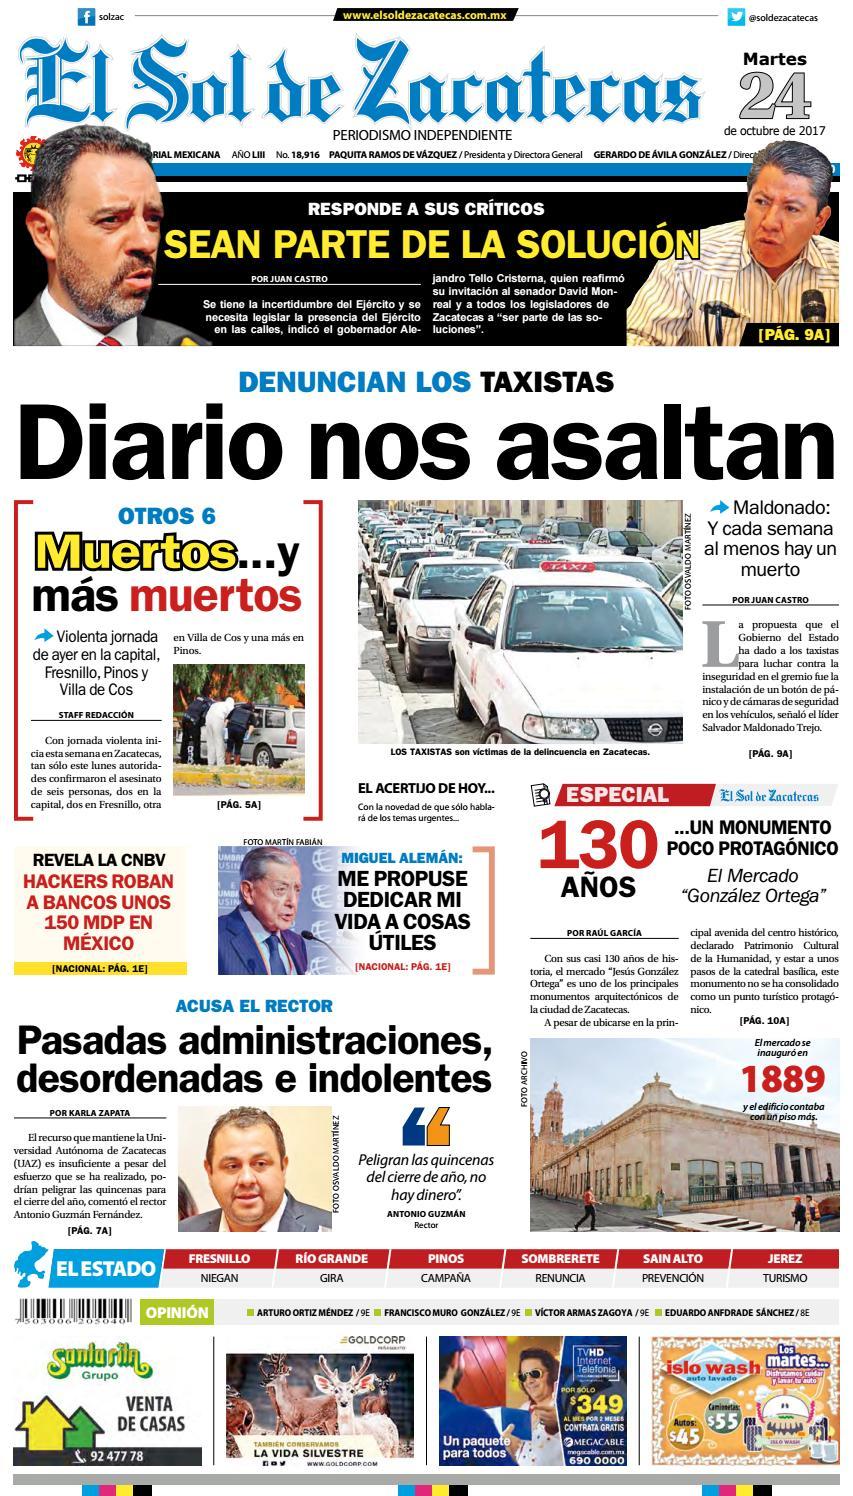 El Sol de Zacatecas 24 de octubre 2017 by El Sol de Zacatecas - issuu 4d2fb6f4e50